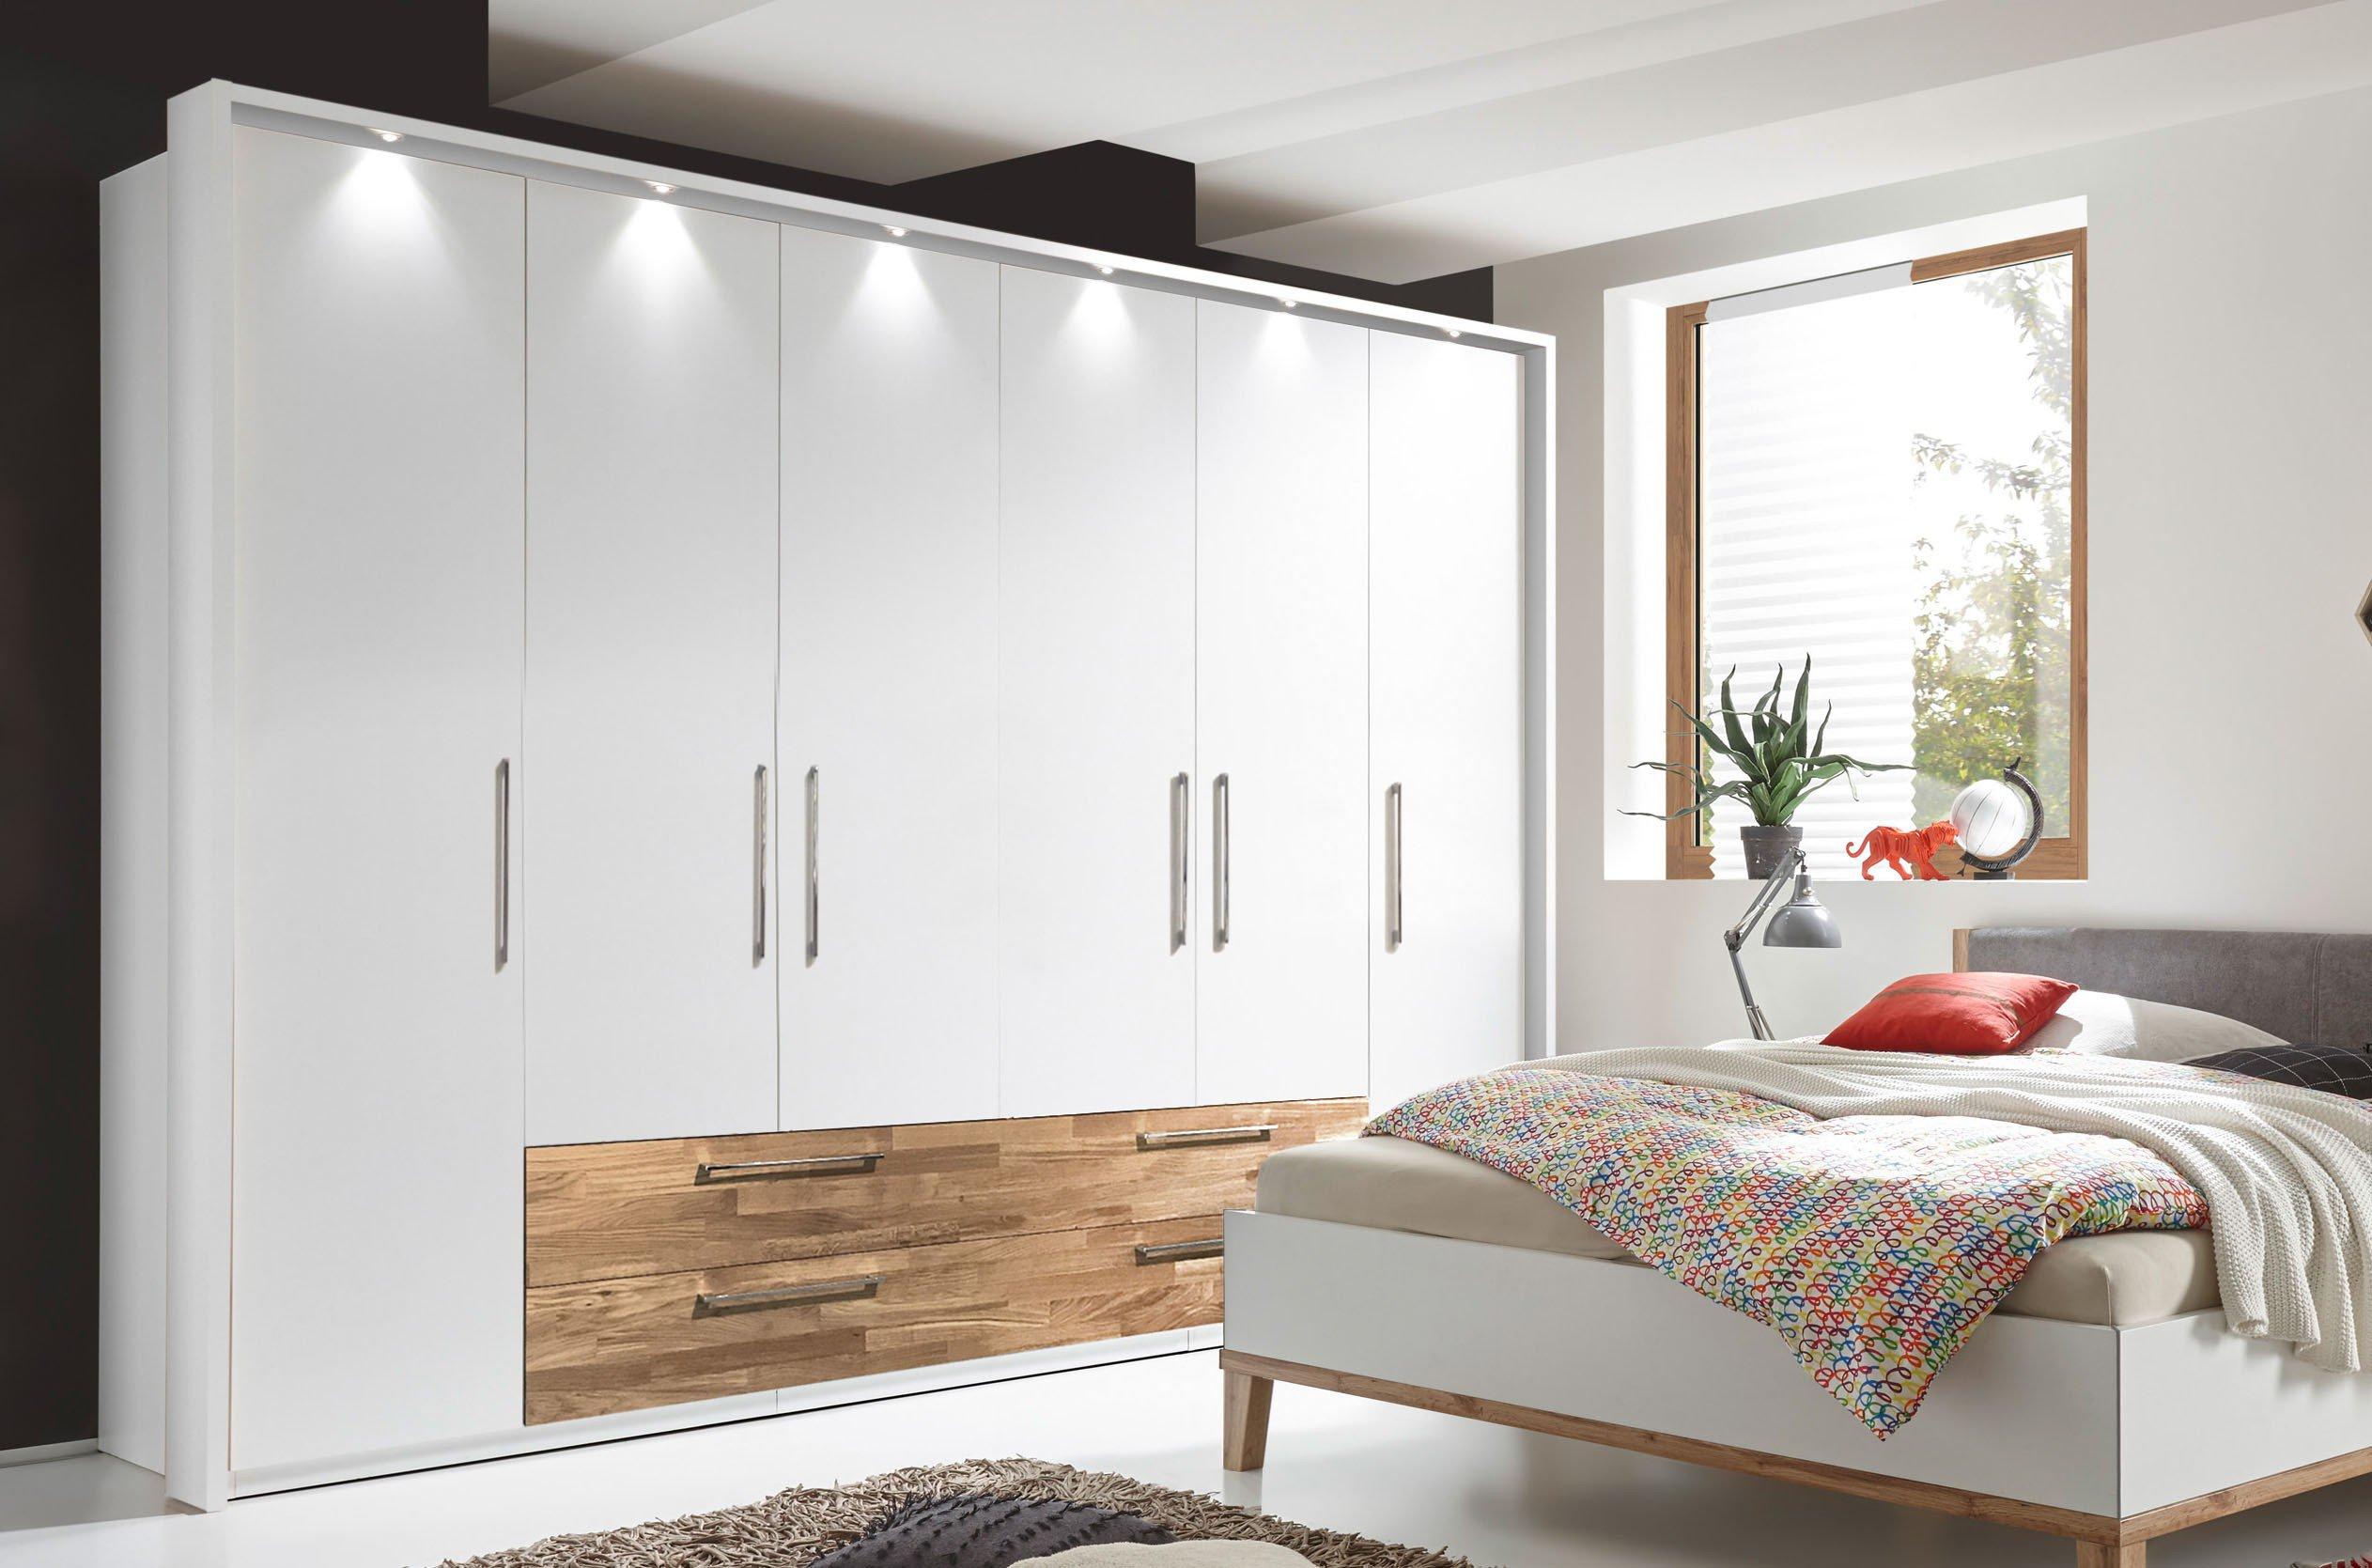 schlafkontor air schlafzimmer wei eiche massiv m bel. Black Bedroom Furniture Sets. Home Design Ideas